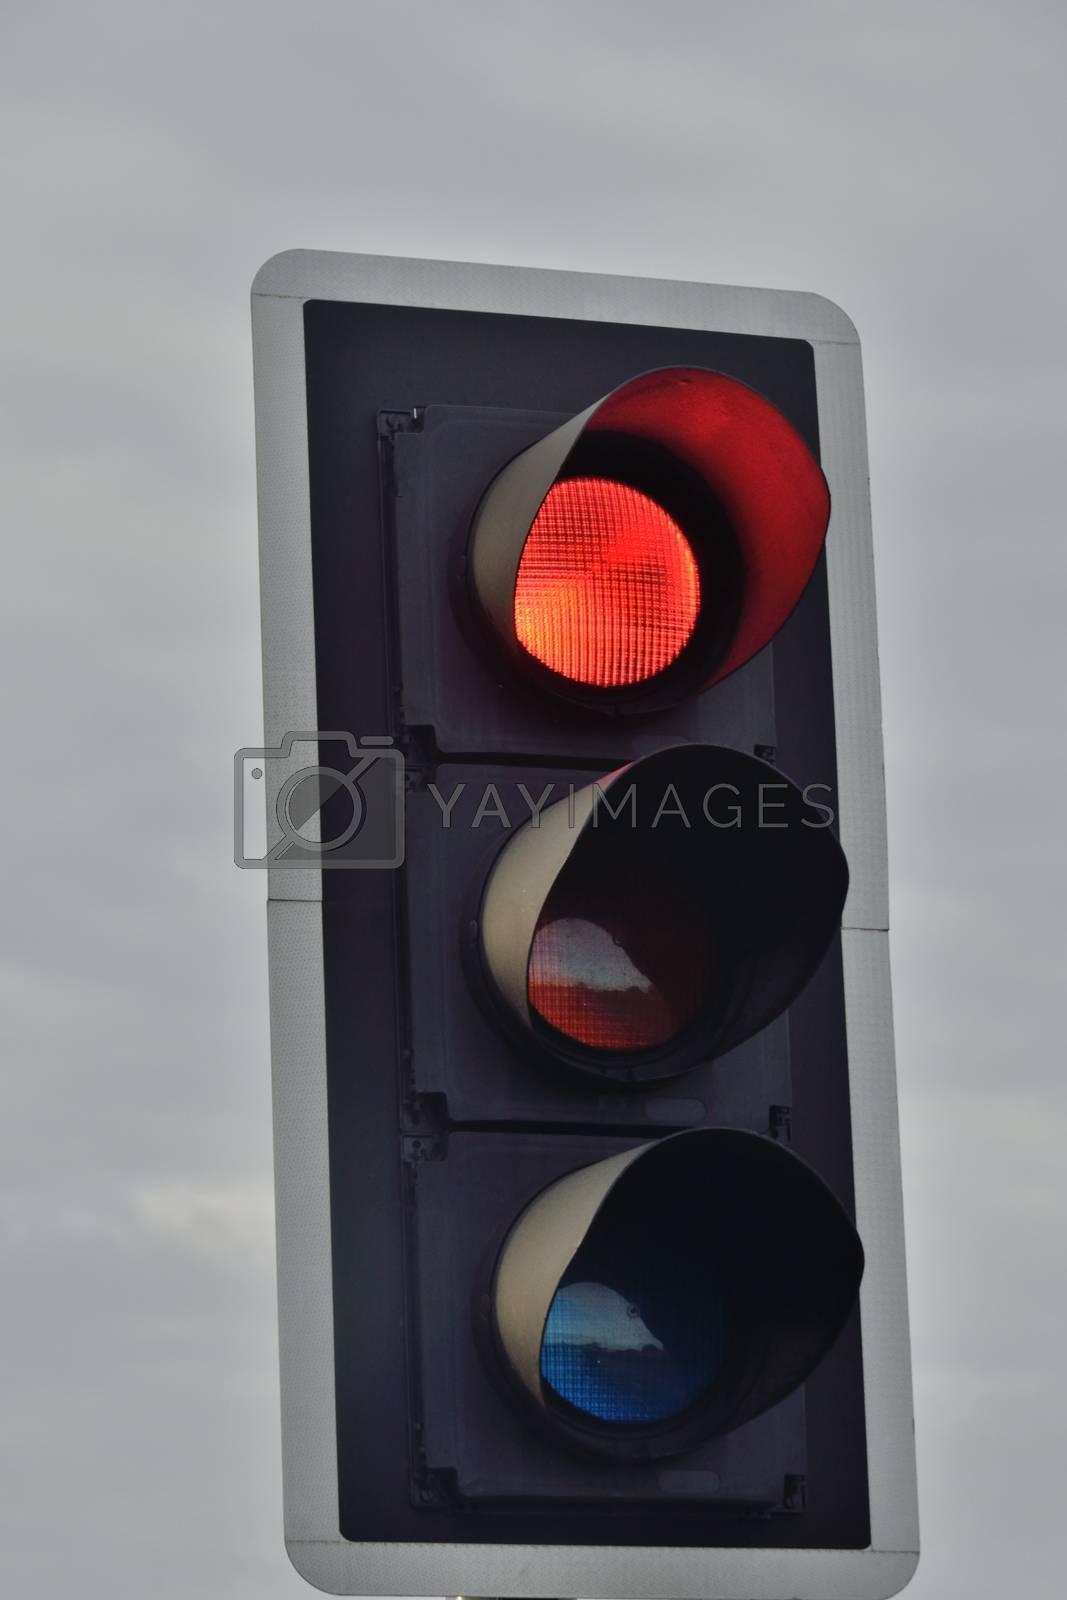 UK traffic signal set at red